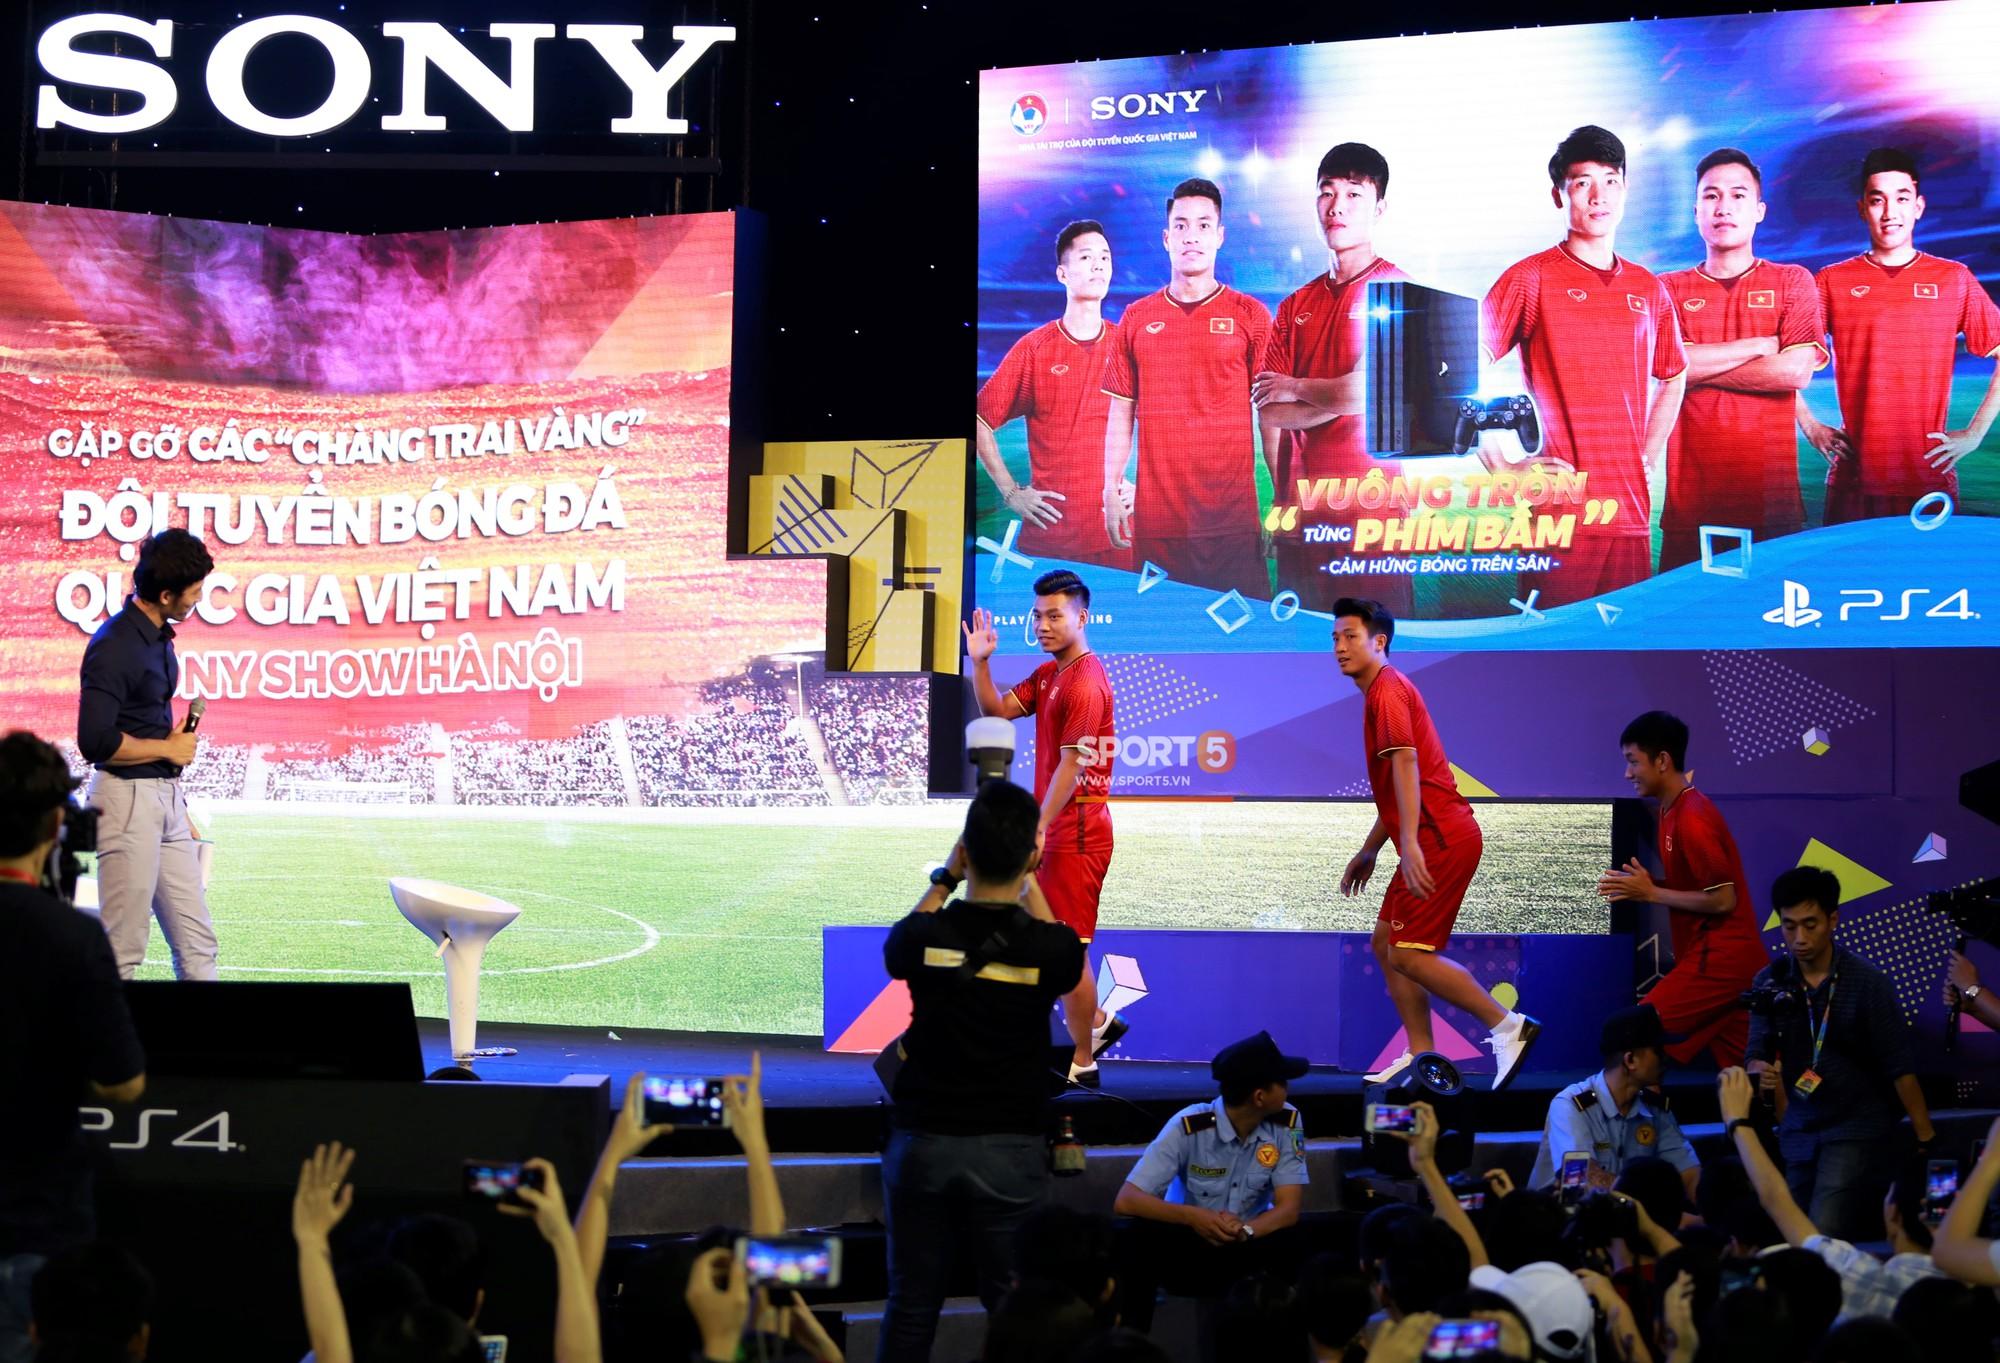 Bùi Tiến Dũng chỉ đạo đệ tử vùi dập đội của Trọng Đại 3-0 ở FIFA 18 - Ảnh 1.